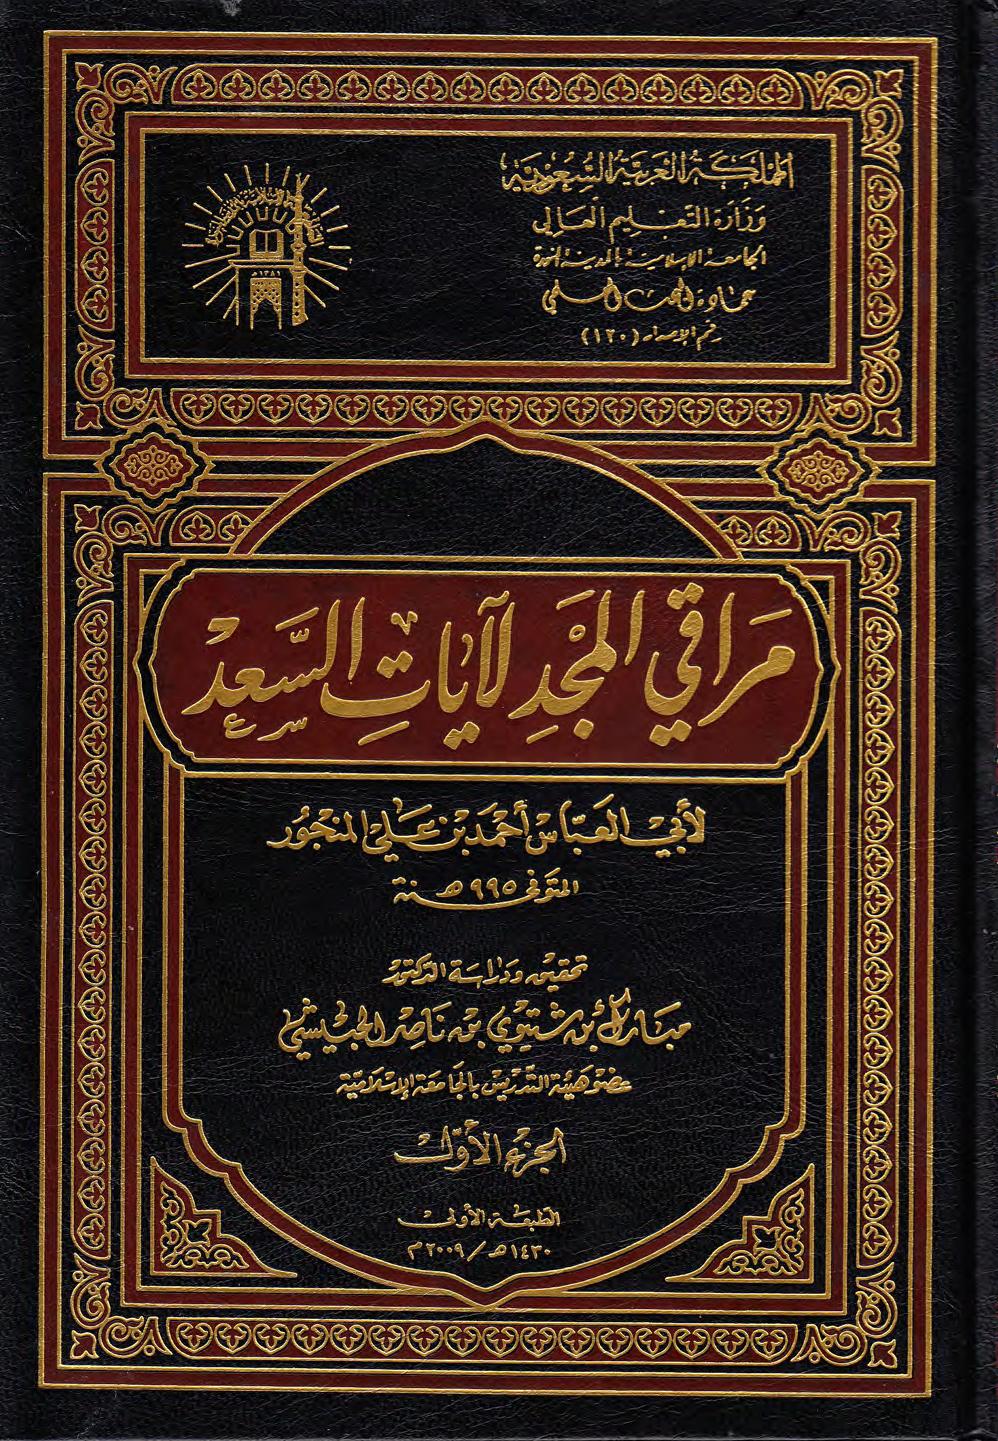 تحميل كتاب مراقي المجد لآيات السعد لـِ: الشيخ أبو العباس أحمد بن علي بن عبد الرحمن المنجور (ت 995)